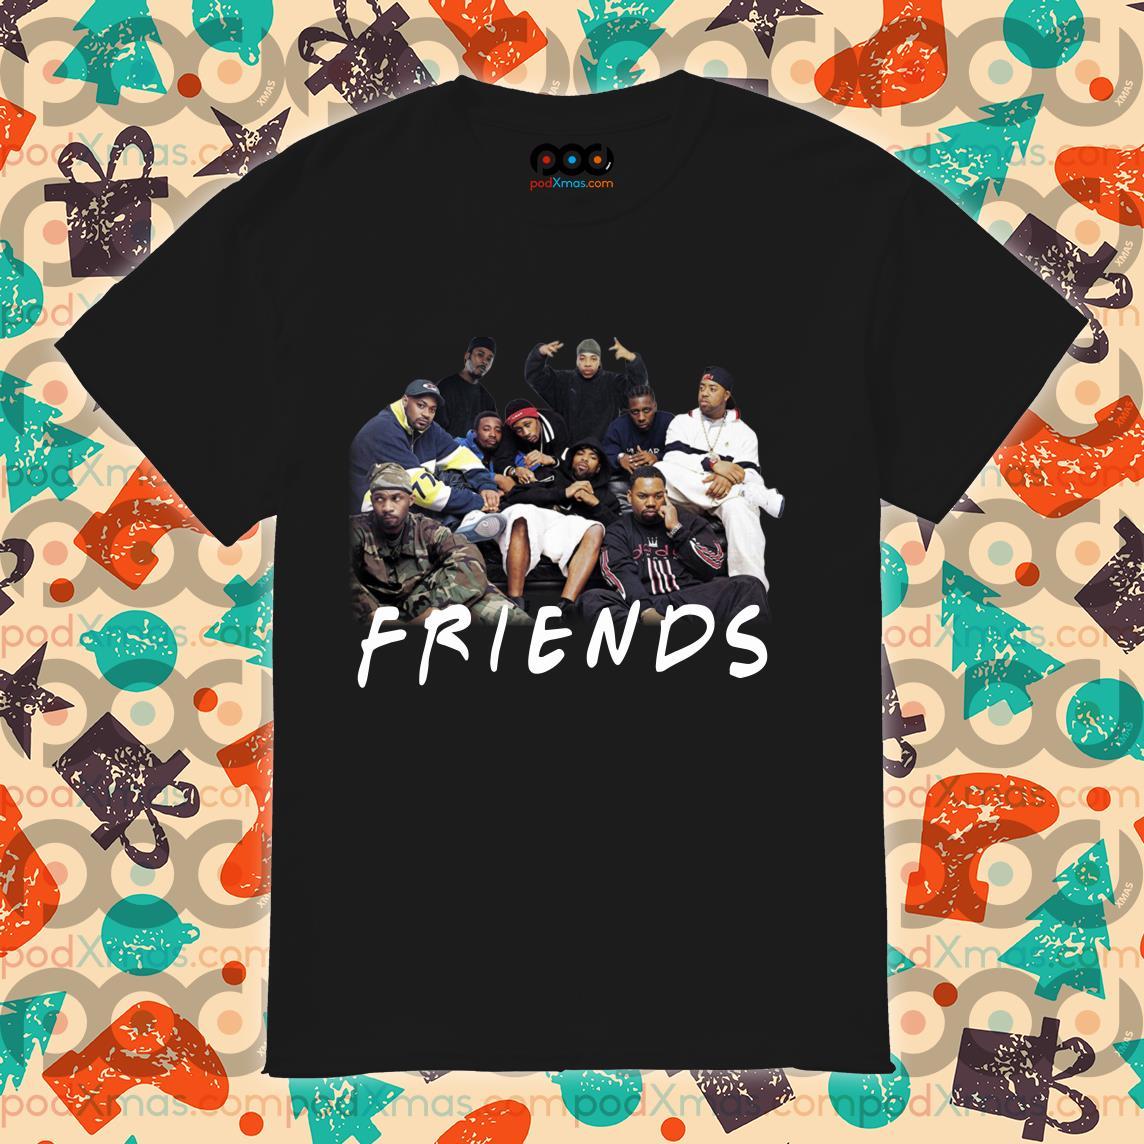 Wu-Tang Clan Friends shirt